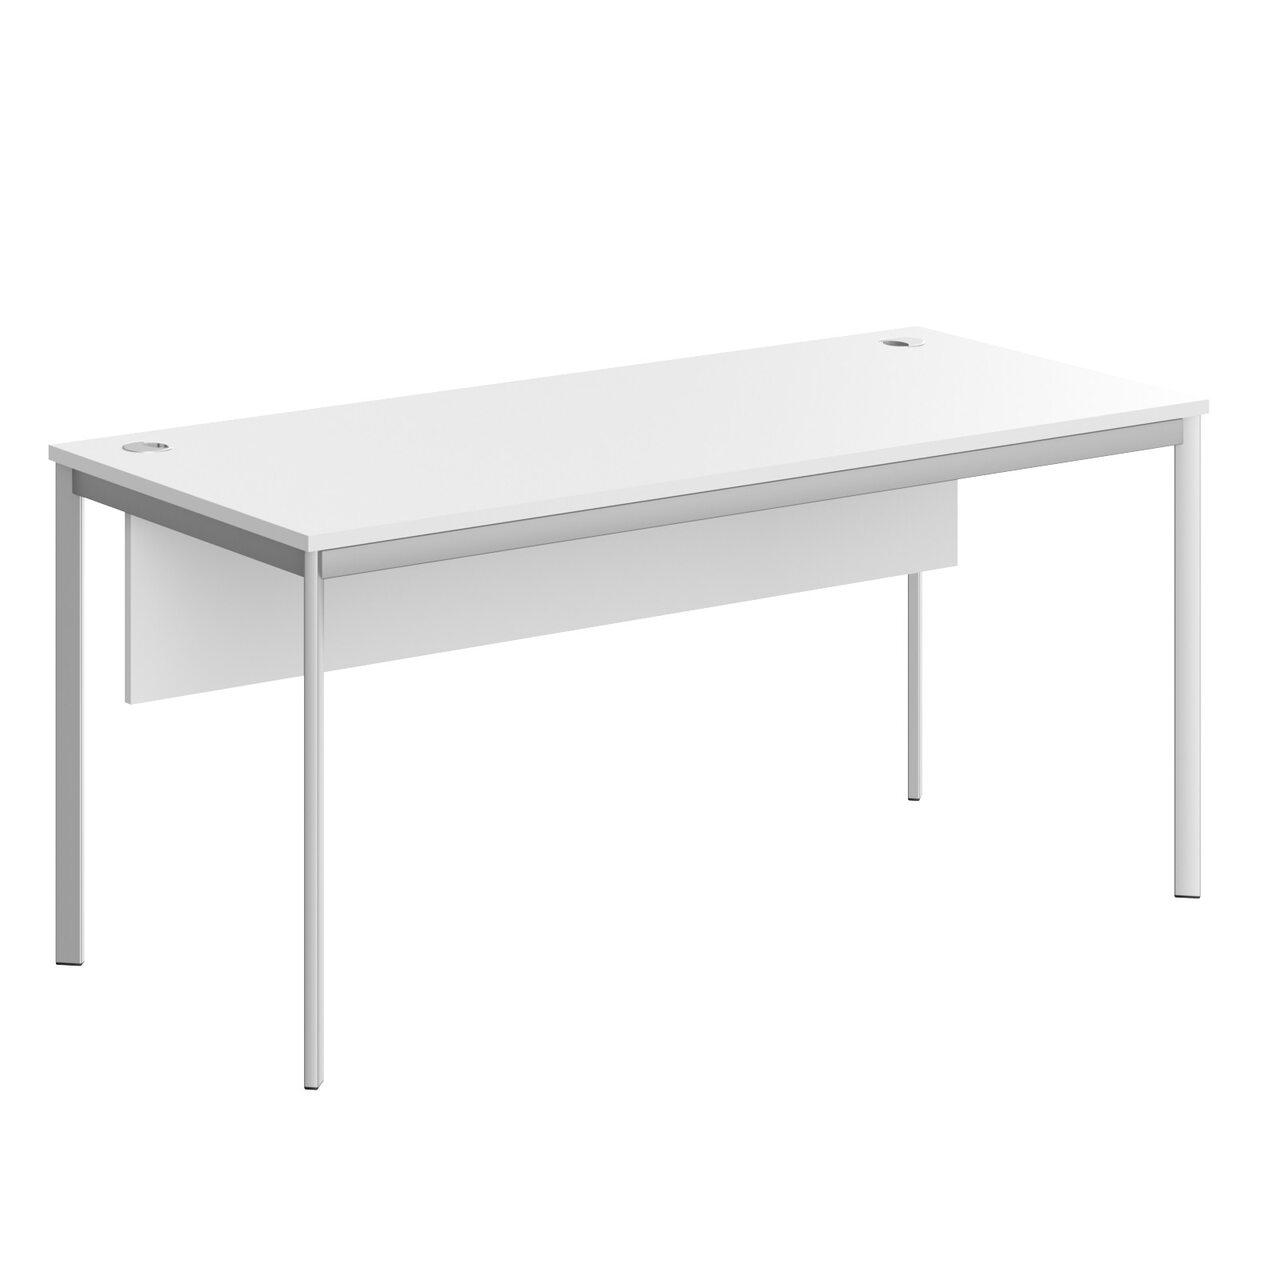 Стол прямой с фрональной панелью  IMAGO-S 72x160x76 - фото 2